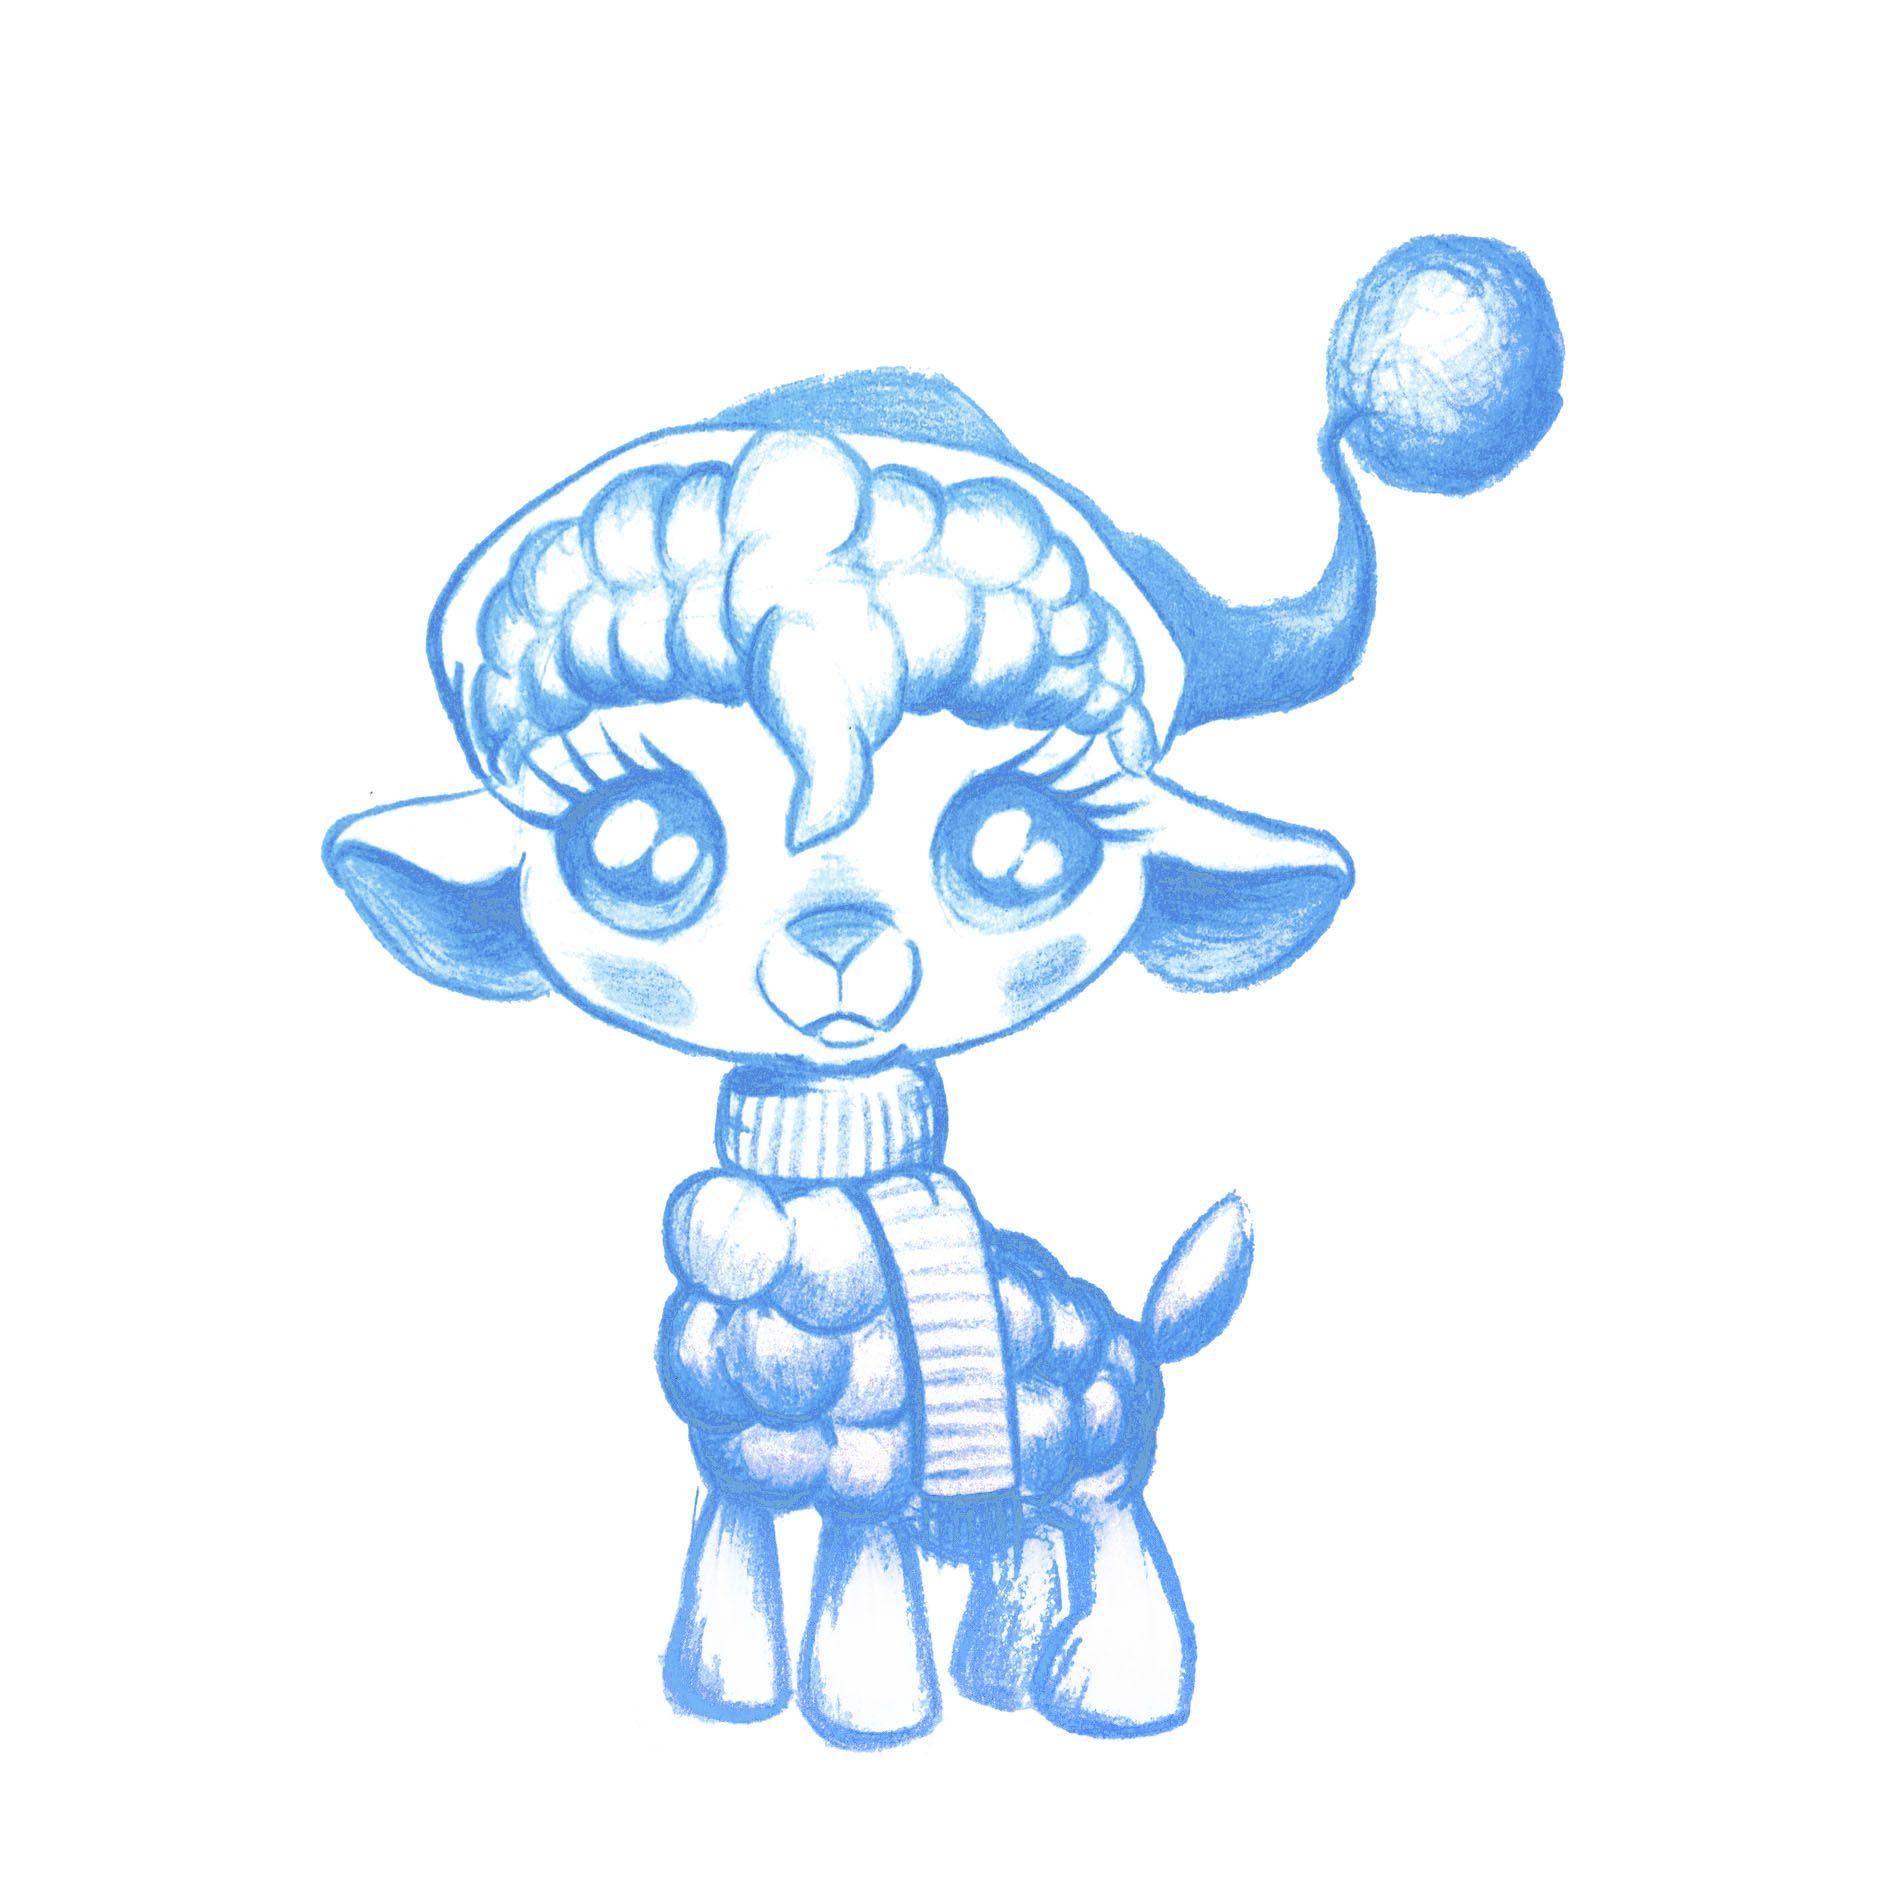 Иллюстрация персонажа - дизайнер scratcherz